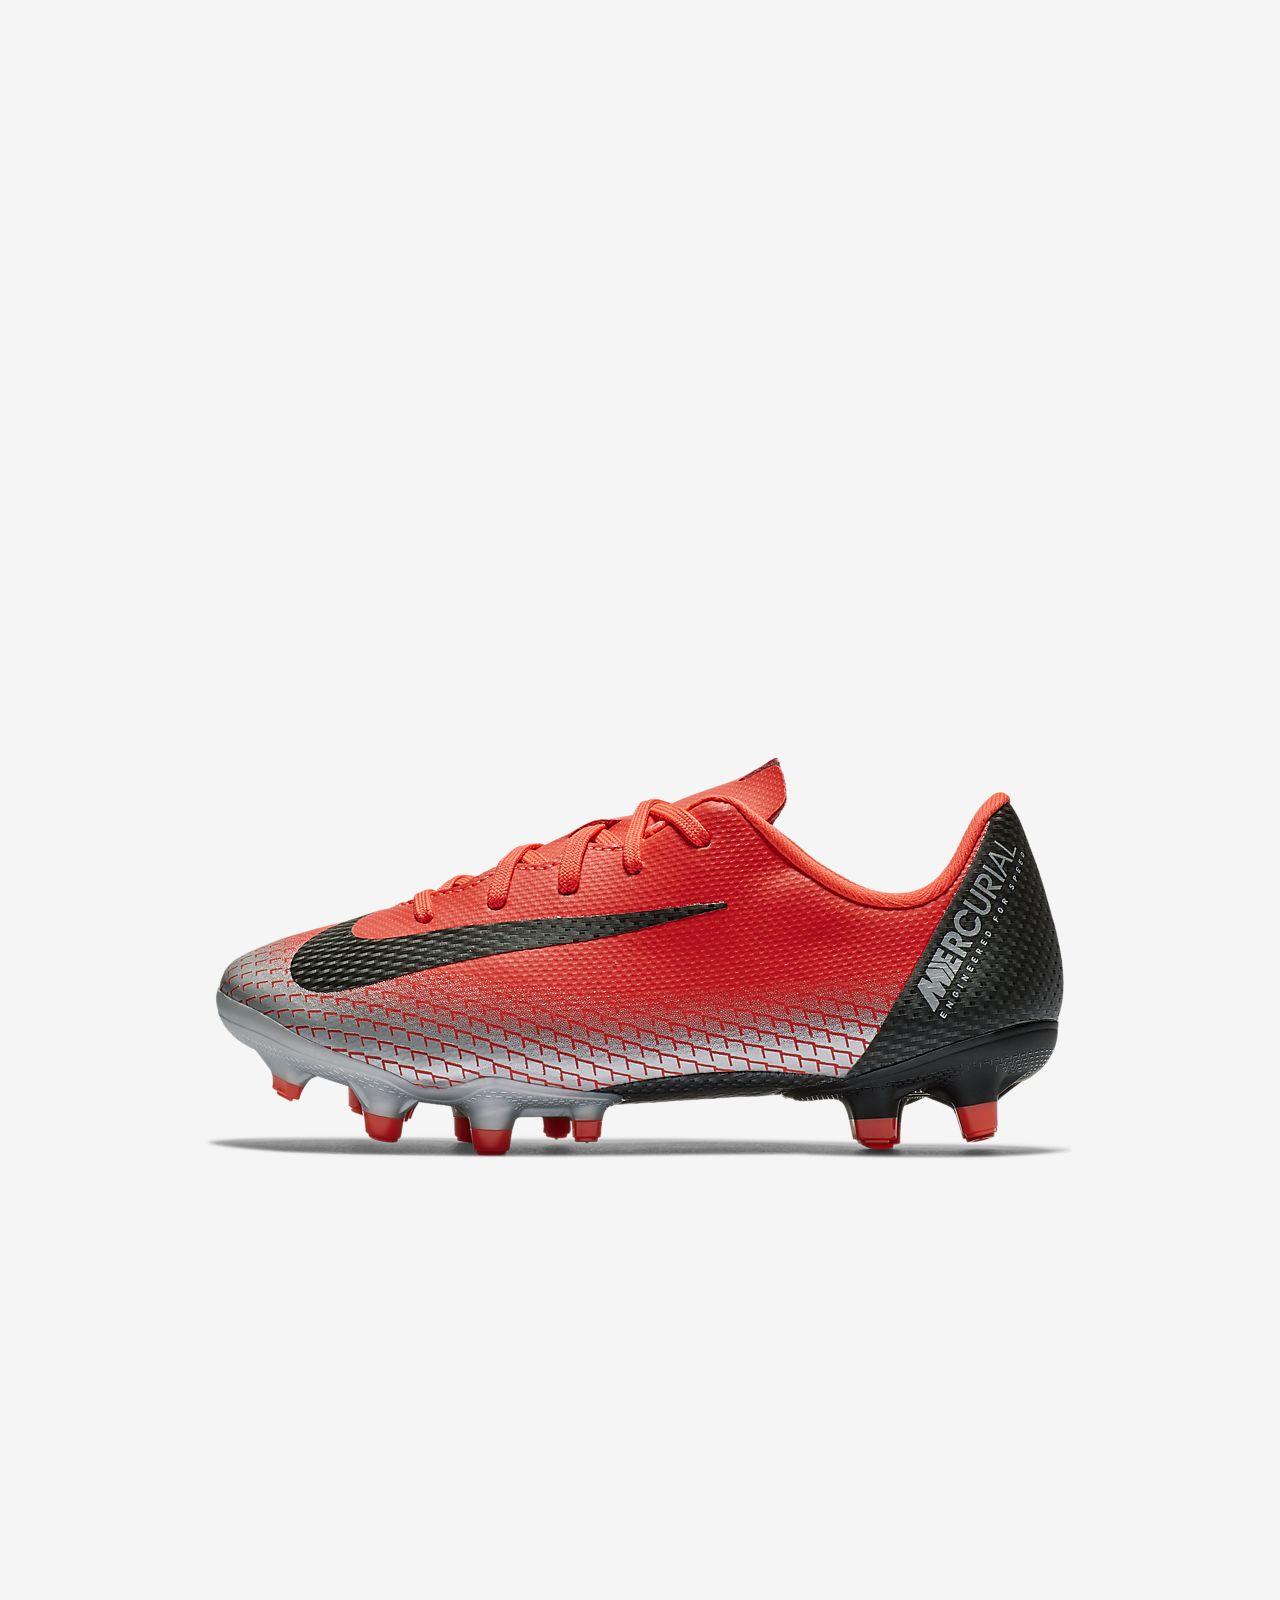 Calzado de fútbol para múltiples superficies para niños talla pequeña Nike Jr. Mercurial Vapor XII Academy CR7